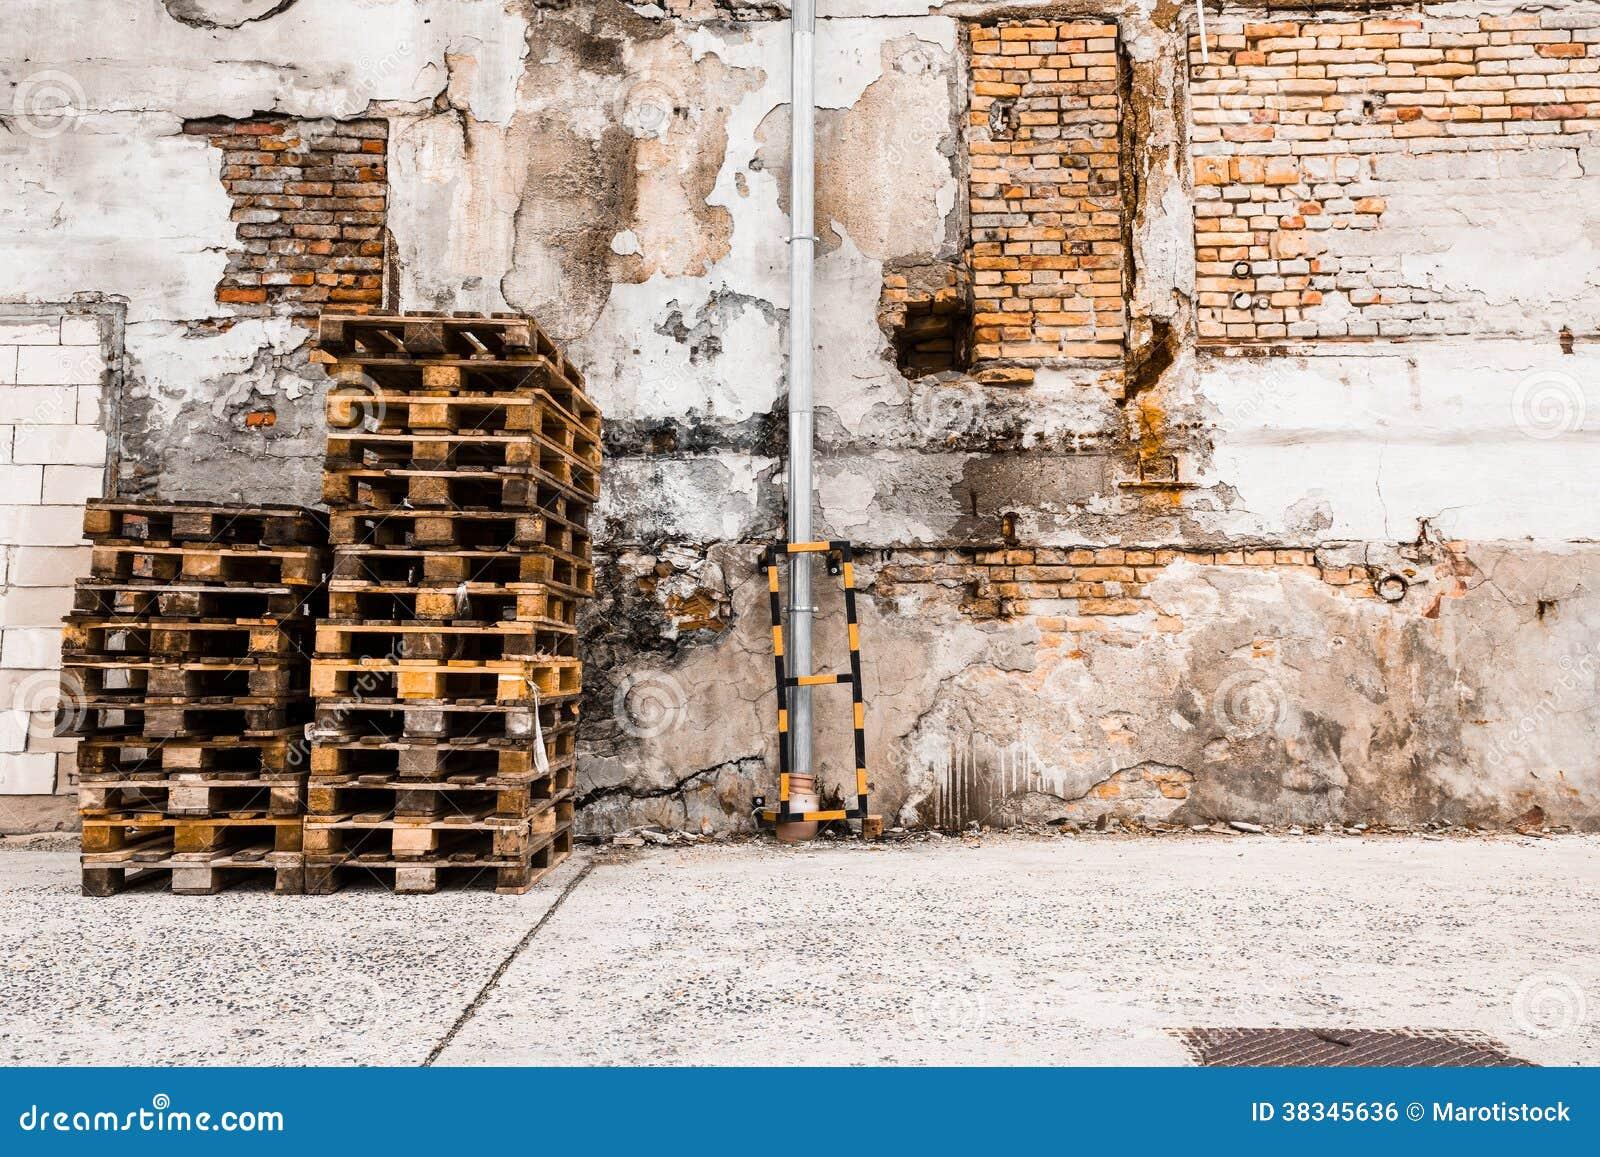 haufen von paletten der ziegelstein vor einer wand stockfoto - bild